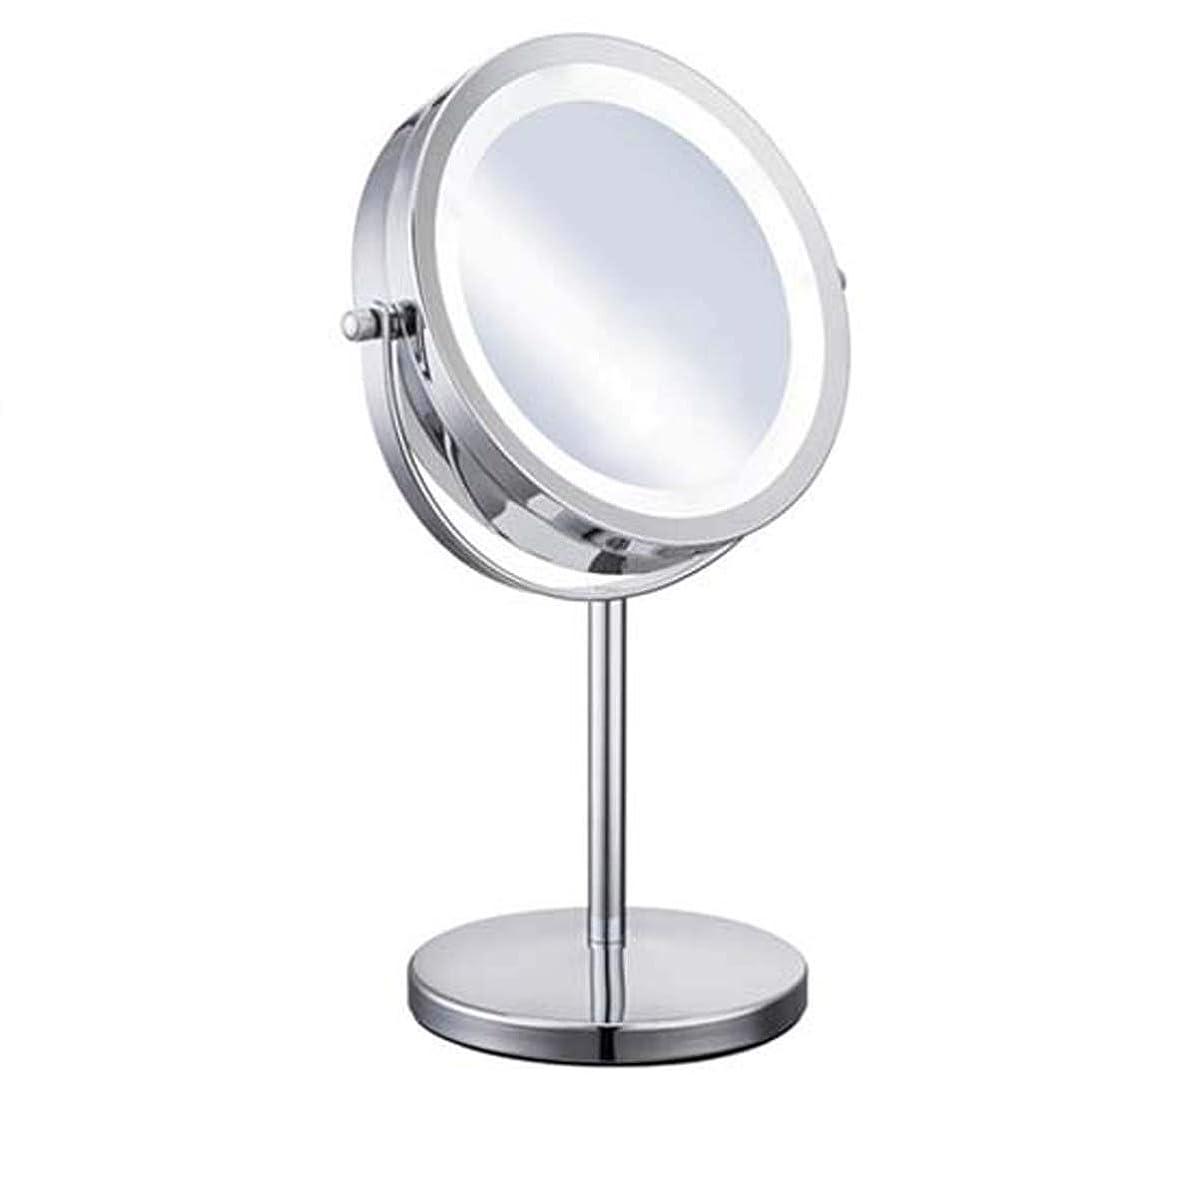 補助金修正カニLED照明化粧鏡、5X倍率はランプ表示で、デスクトップ両面拡大鏡メイクアップミラー、取り外し可能なバッテリ駆動の壁には、シェービング用ミラーをマウント